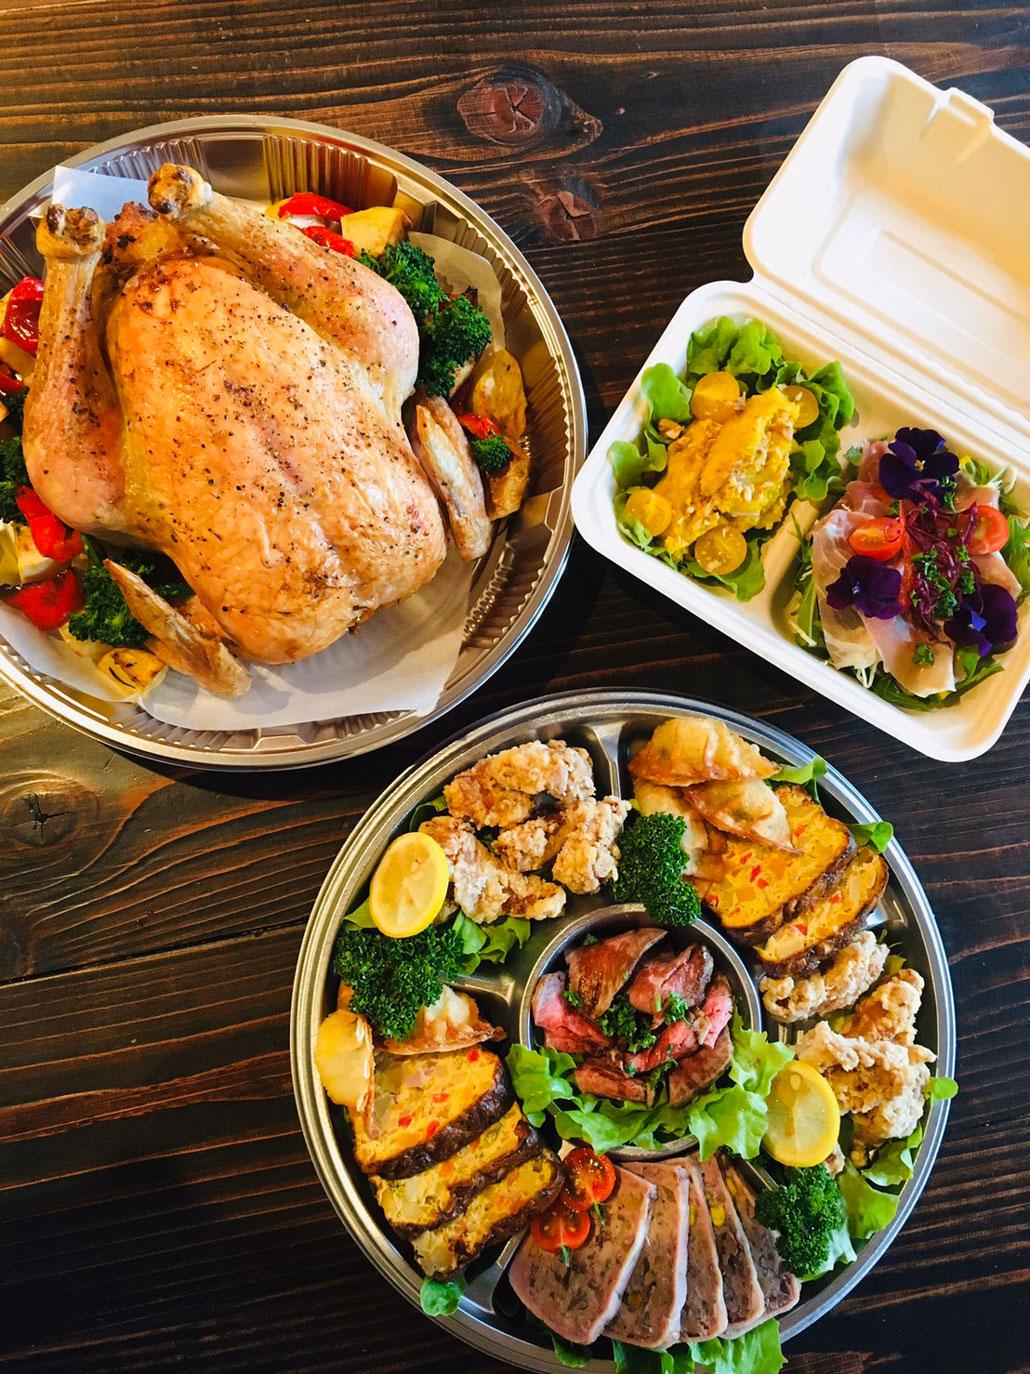 「炭焼き肉と京の野菜Nico」料理画像